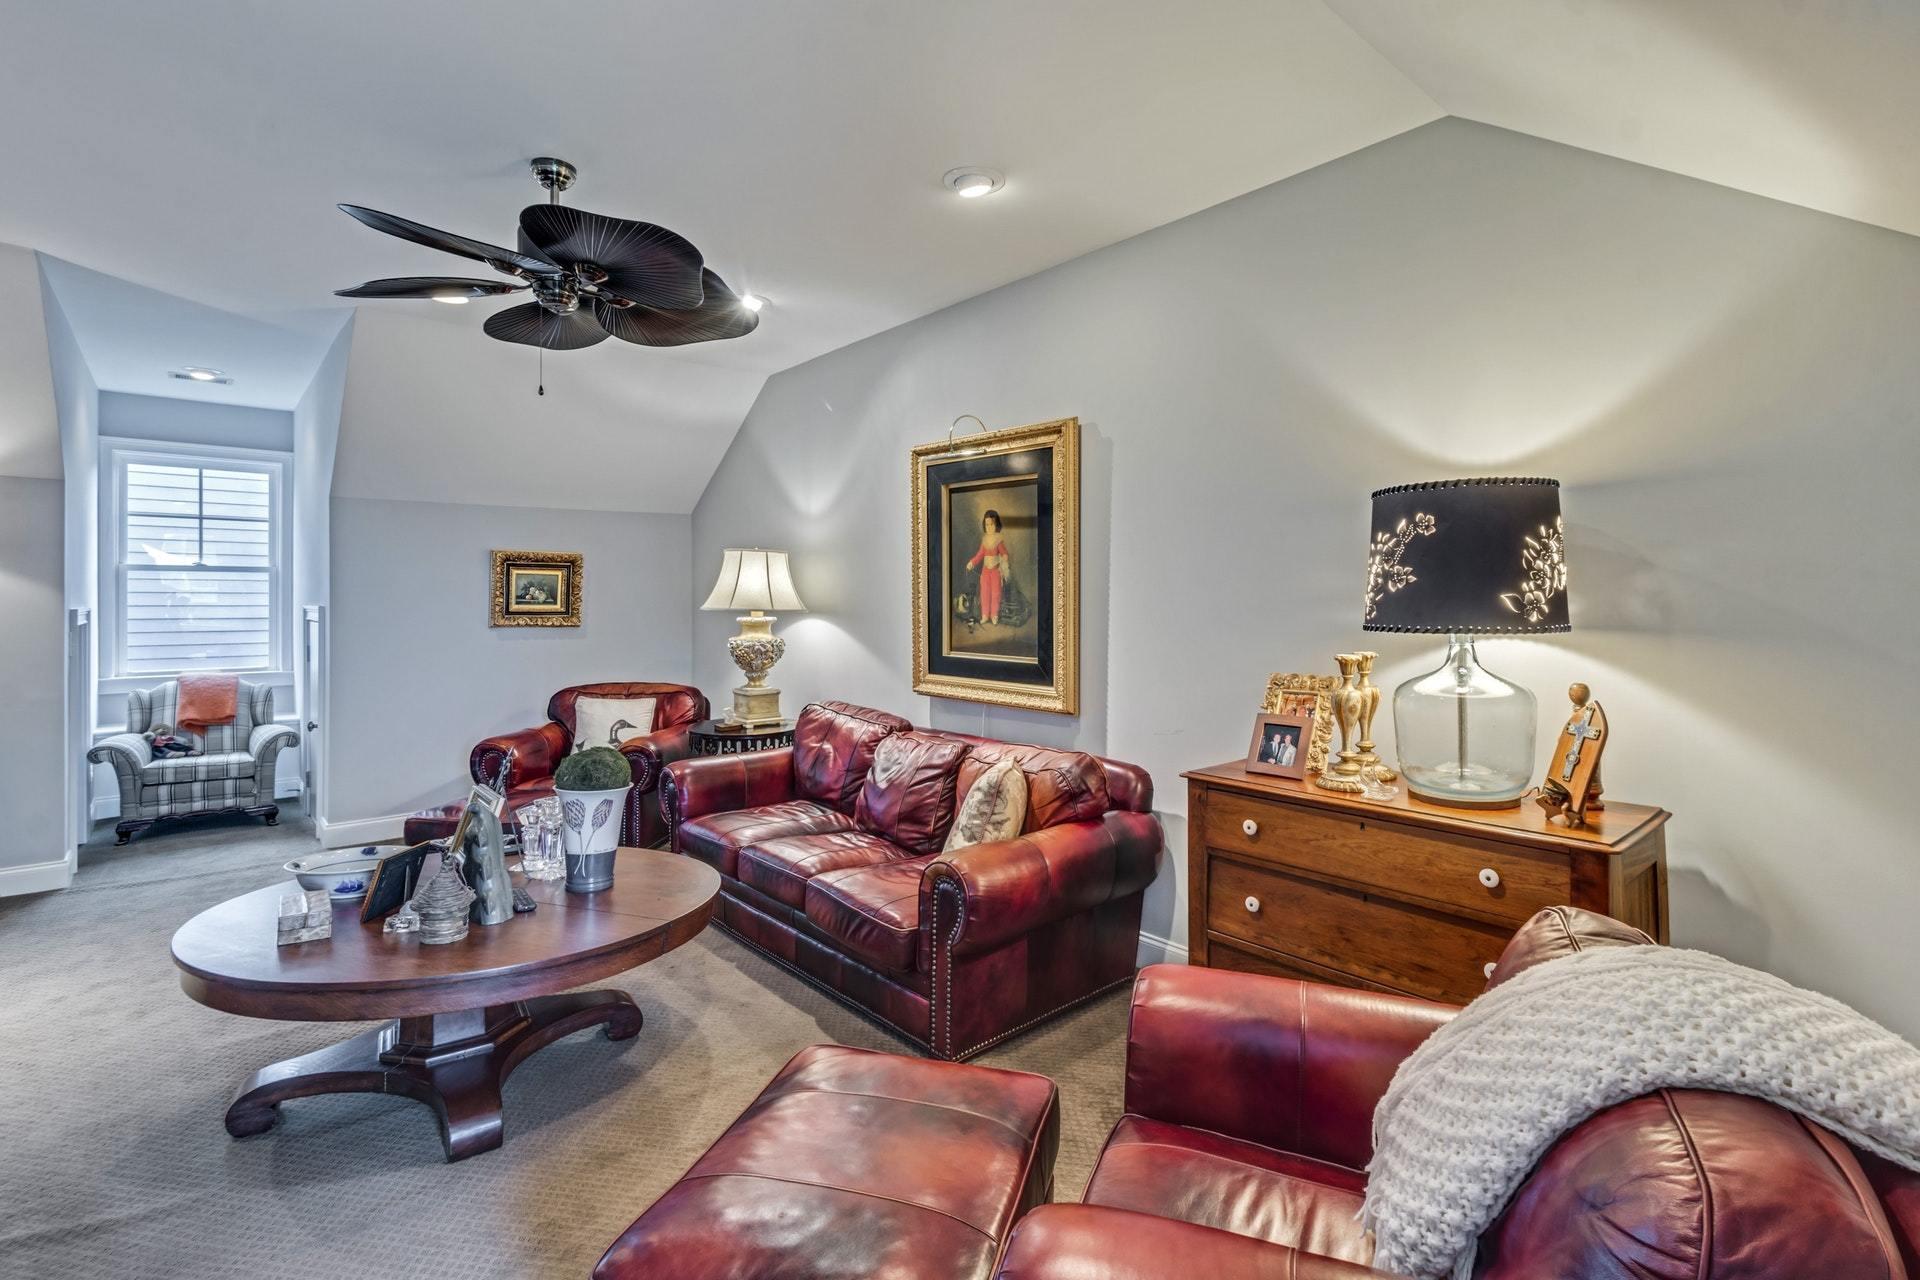 Dunes West Homes For Sale - 2816 River Vista, Mount Pleasant, SC - 35